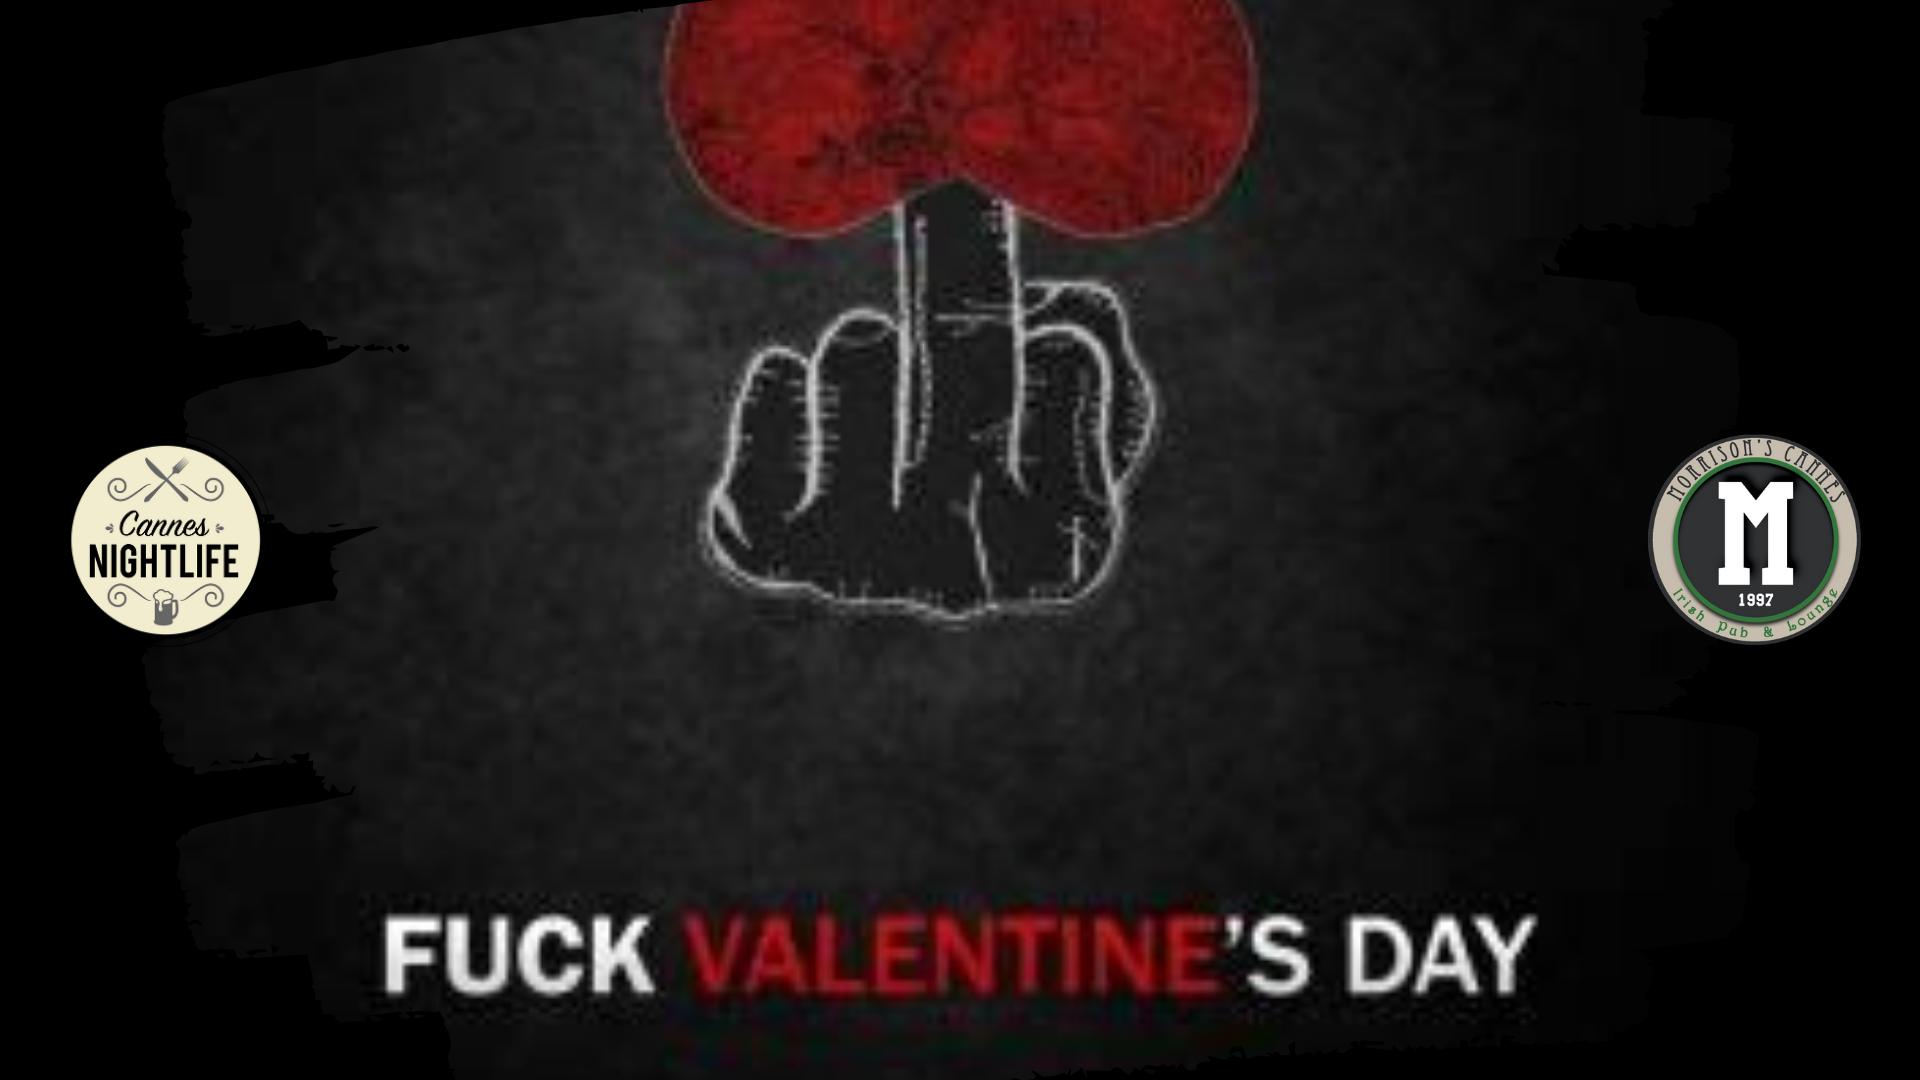 FUCK VALENTINE DAY